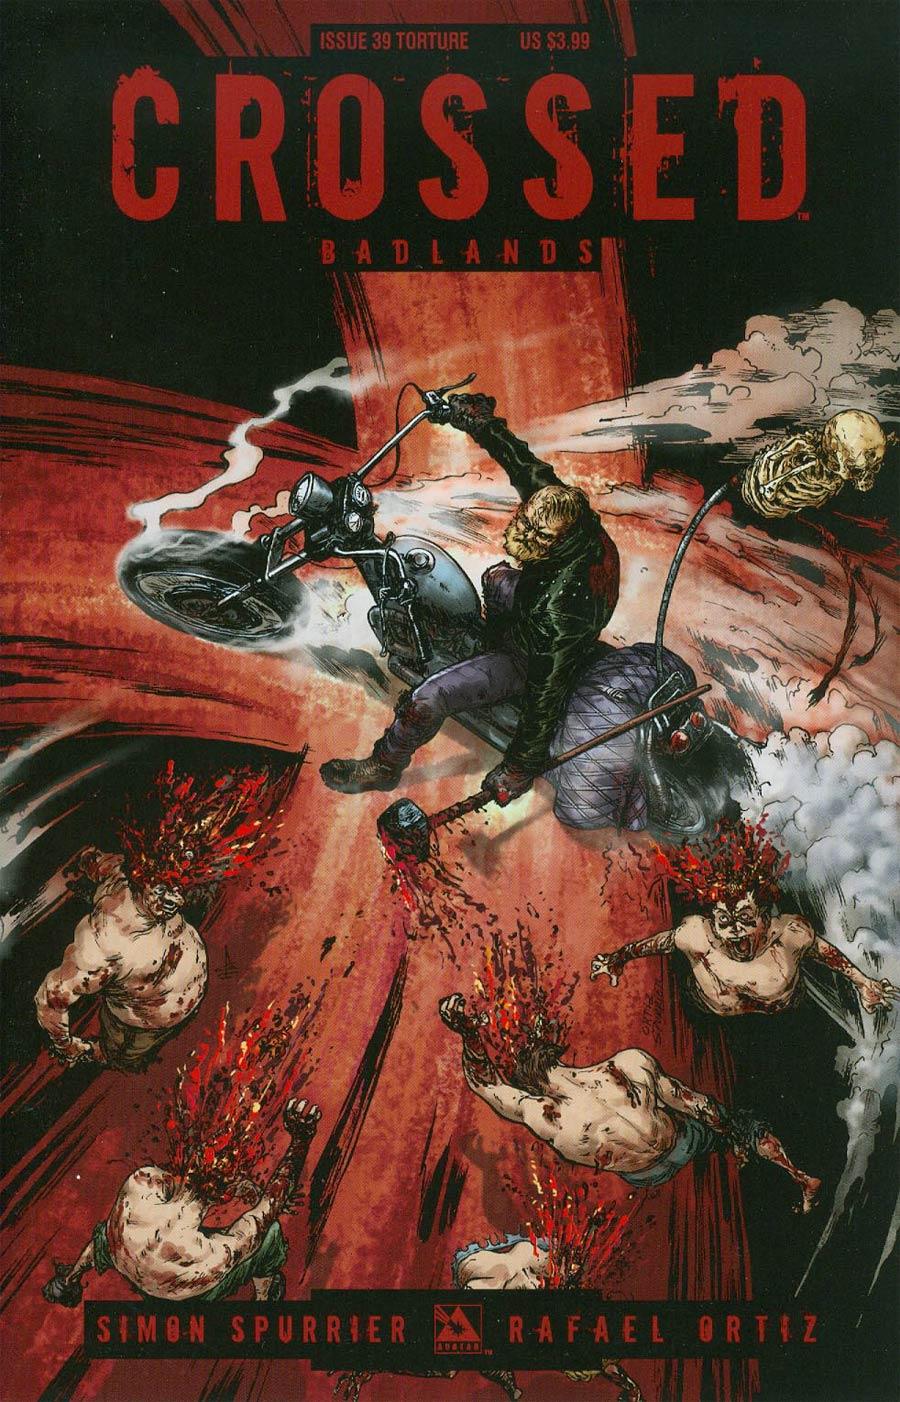 Crossed Badlands #39 Cover C Torture Cvr